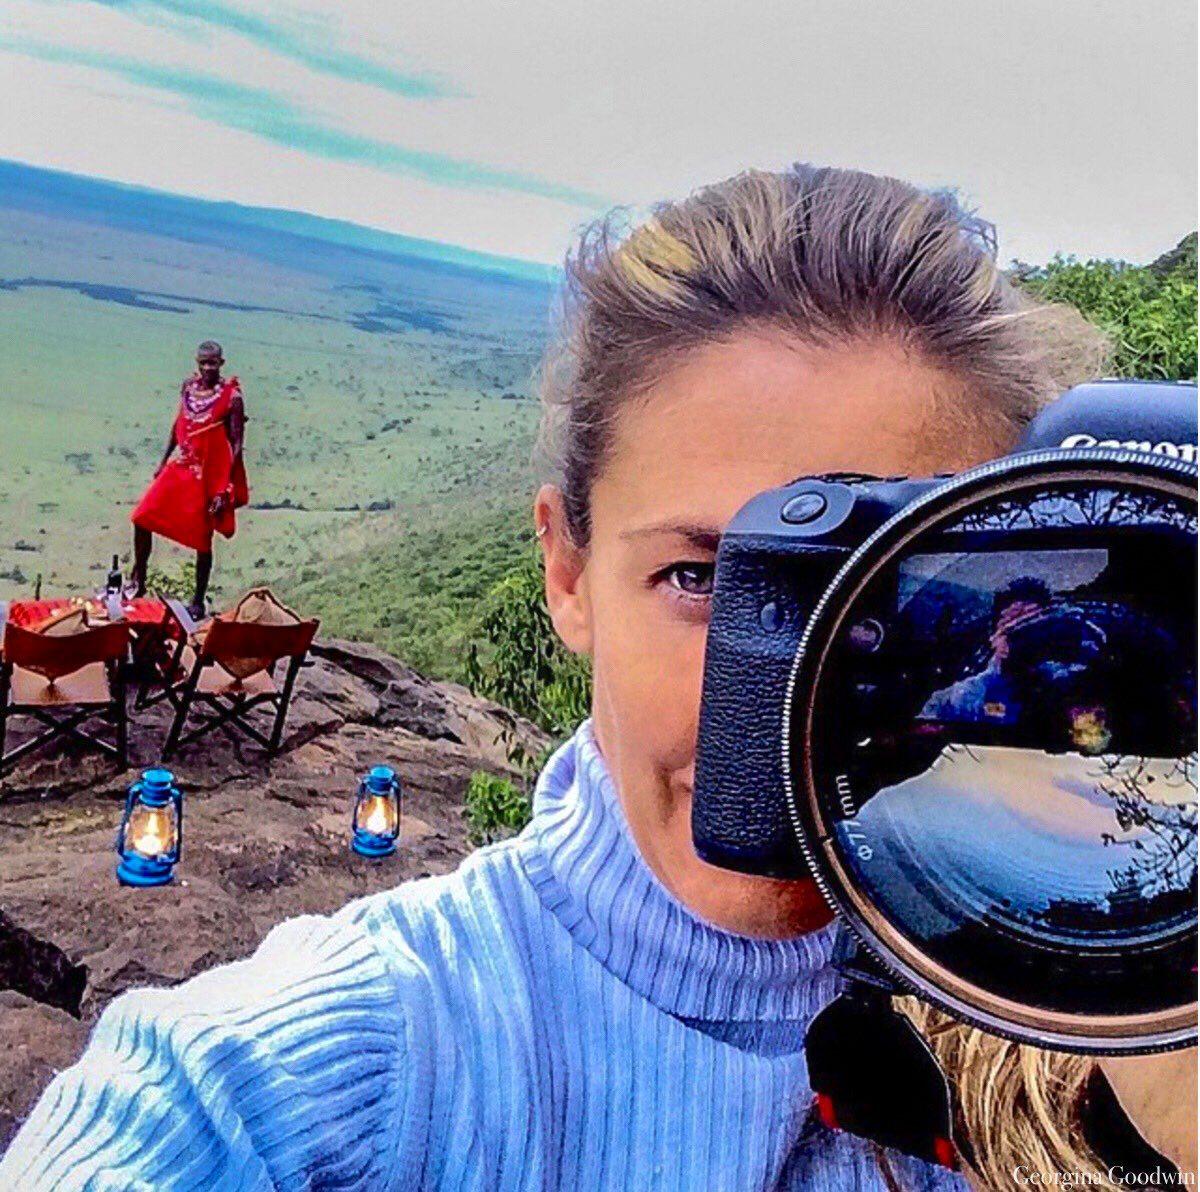 Georgina Goodwin with camera